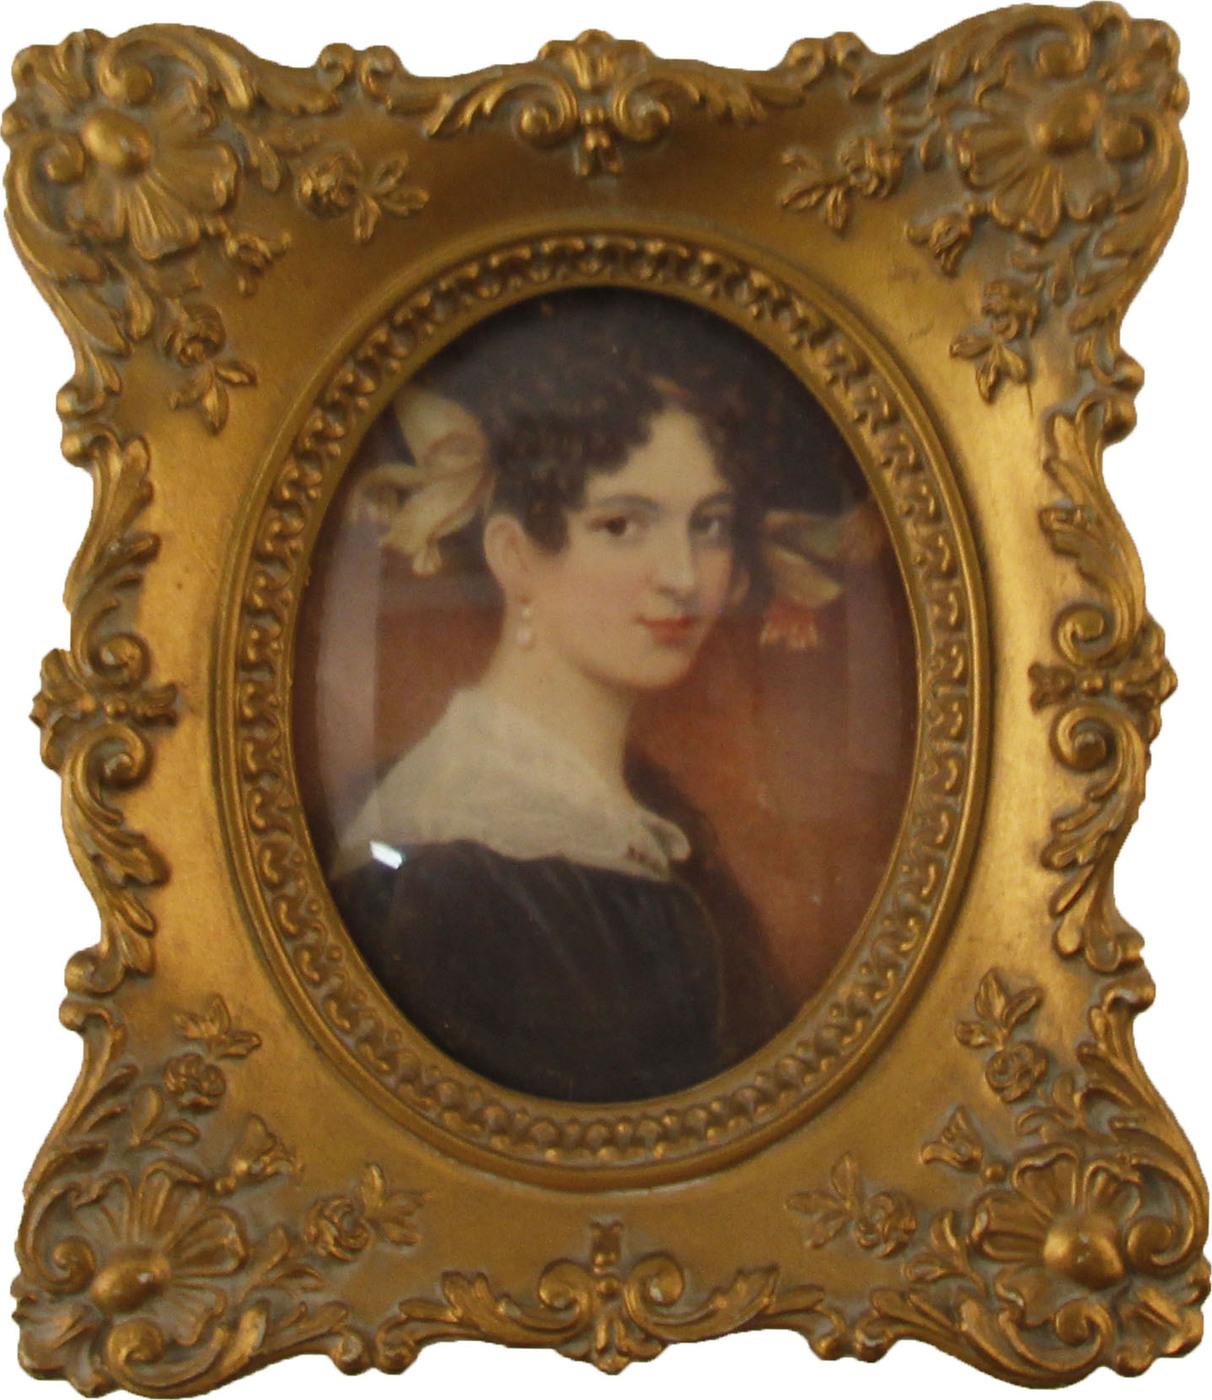 Настенный декор Портрет. Композитный материал, стекло. США, конец ХХ века.